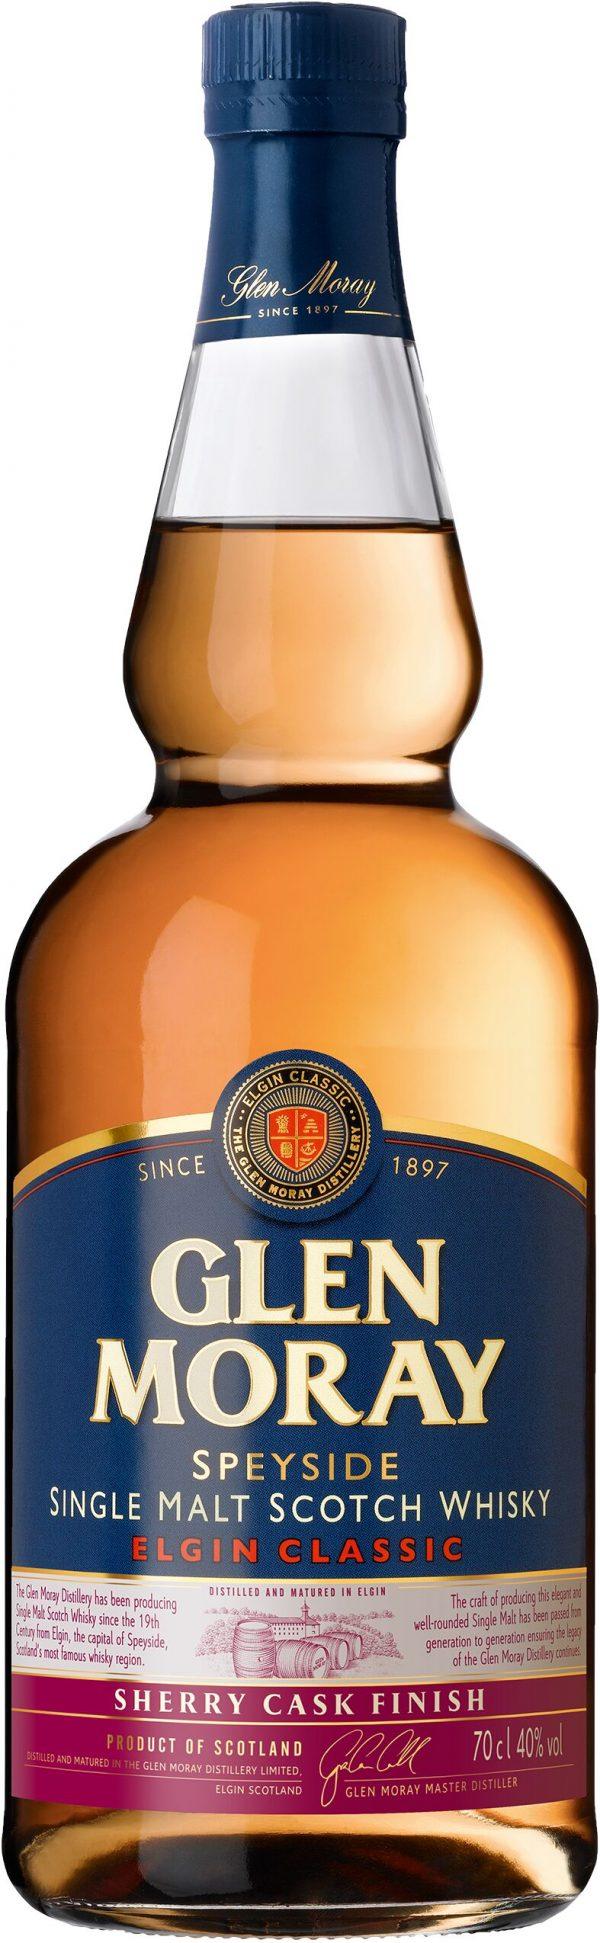 Glen Moray Sherry Cask Finish Speyside Single Malt 70cl